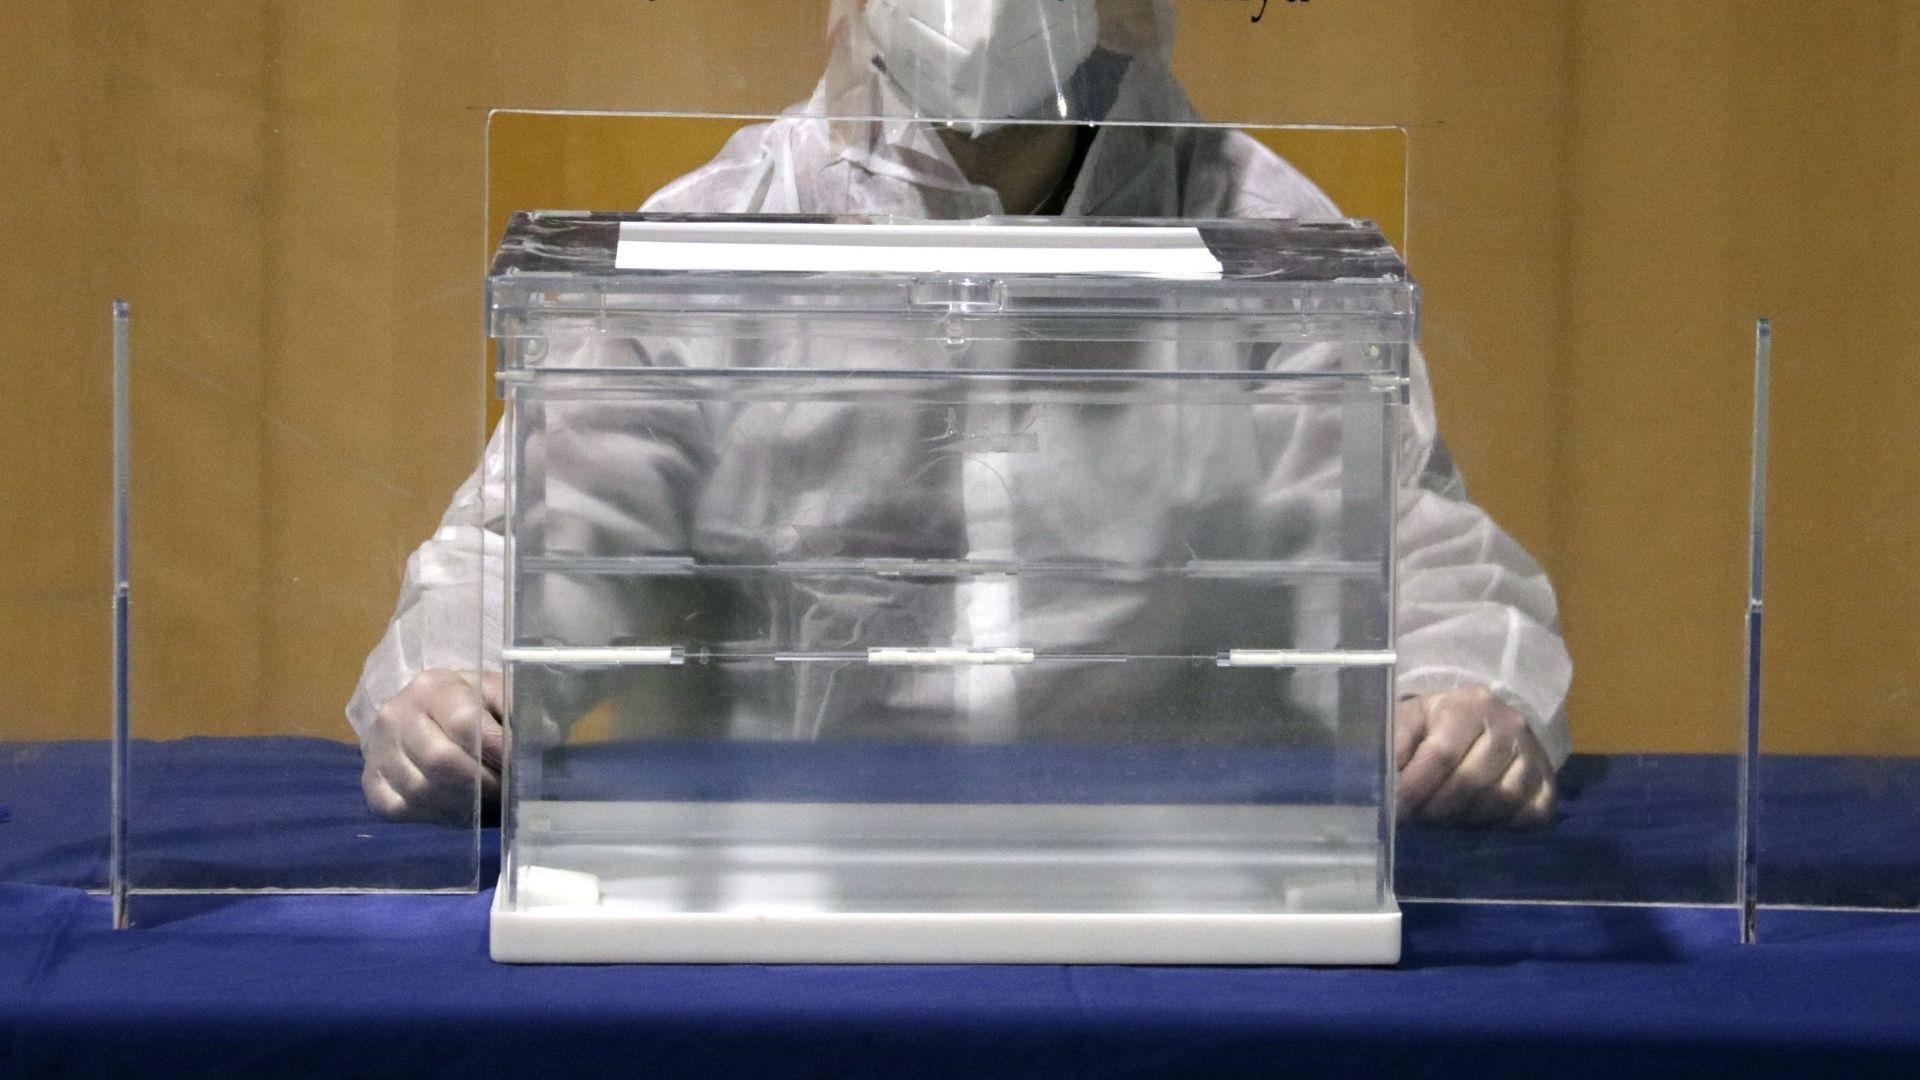 persona amb epi rere urna electoral simulacre 14-F